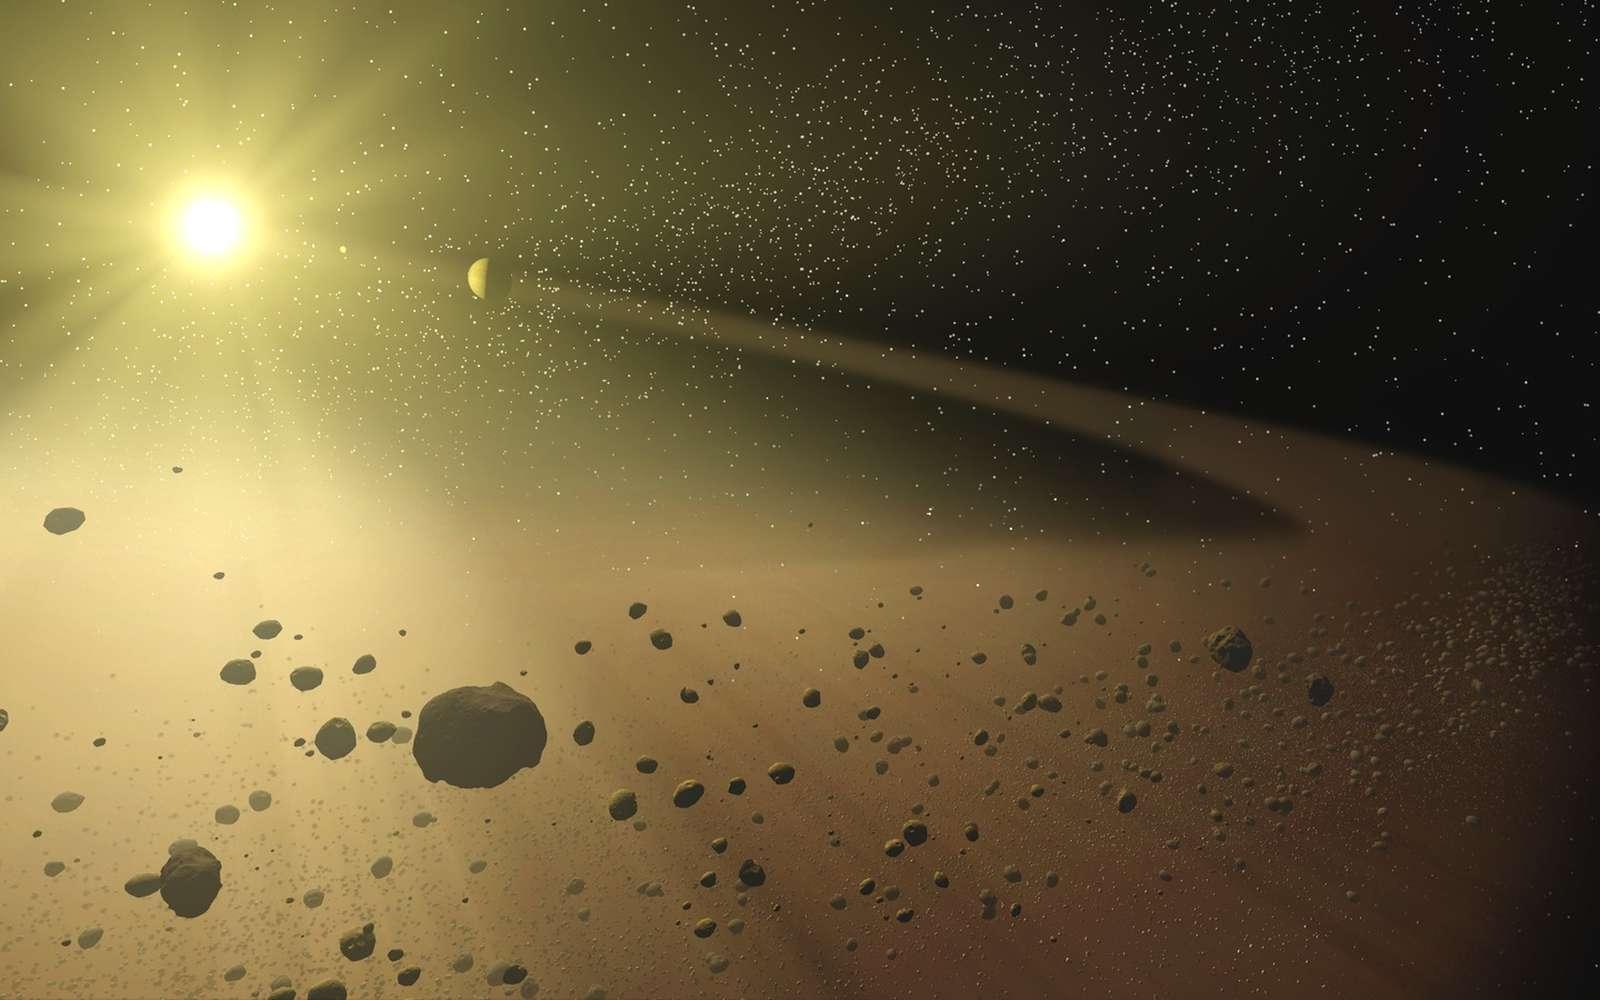 Formation de planète. © Nasa/JPL-Caltech/T. Pyle (SSC)